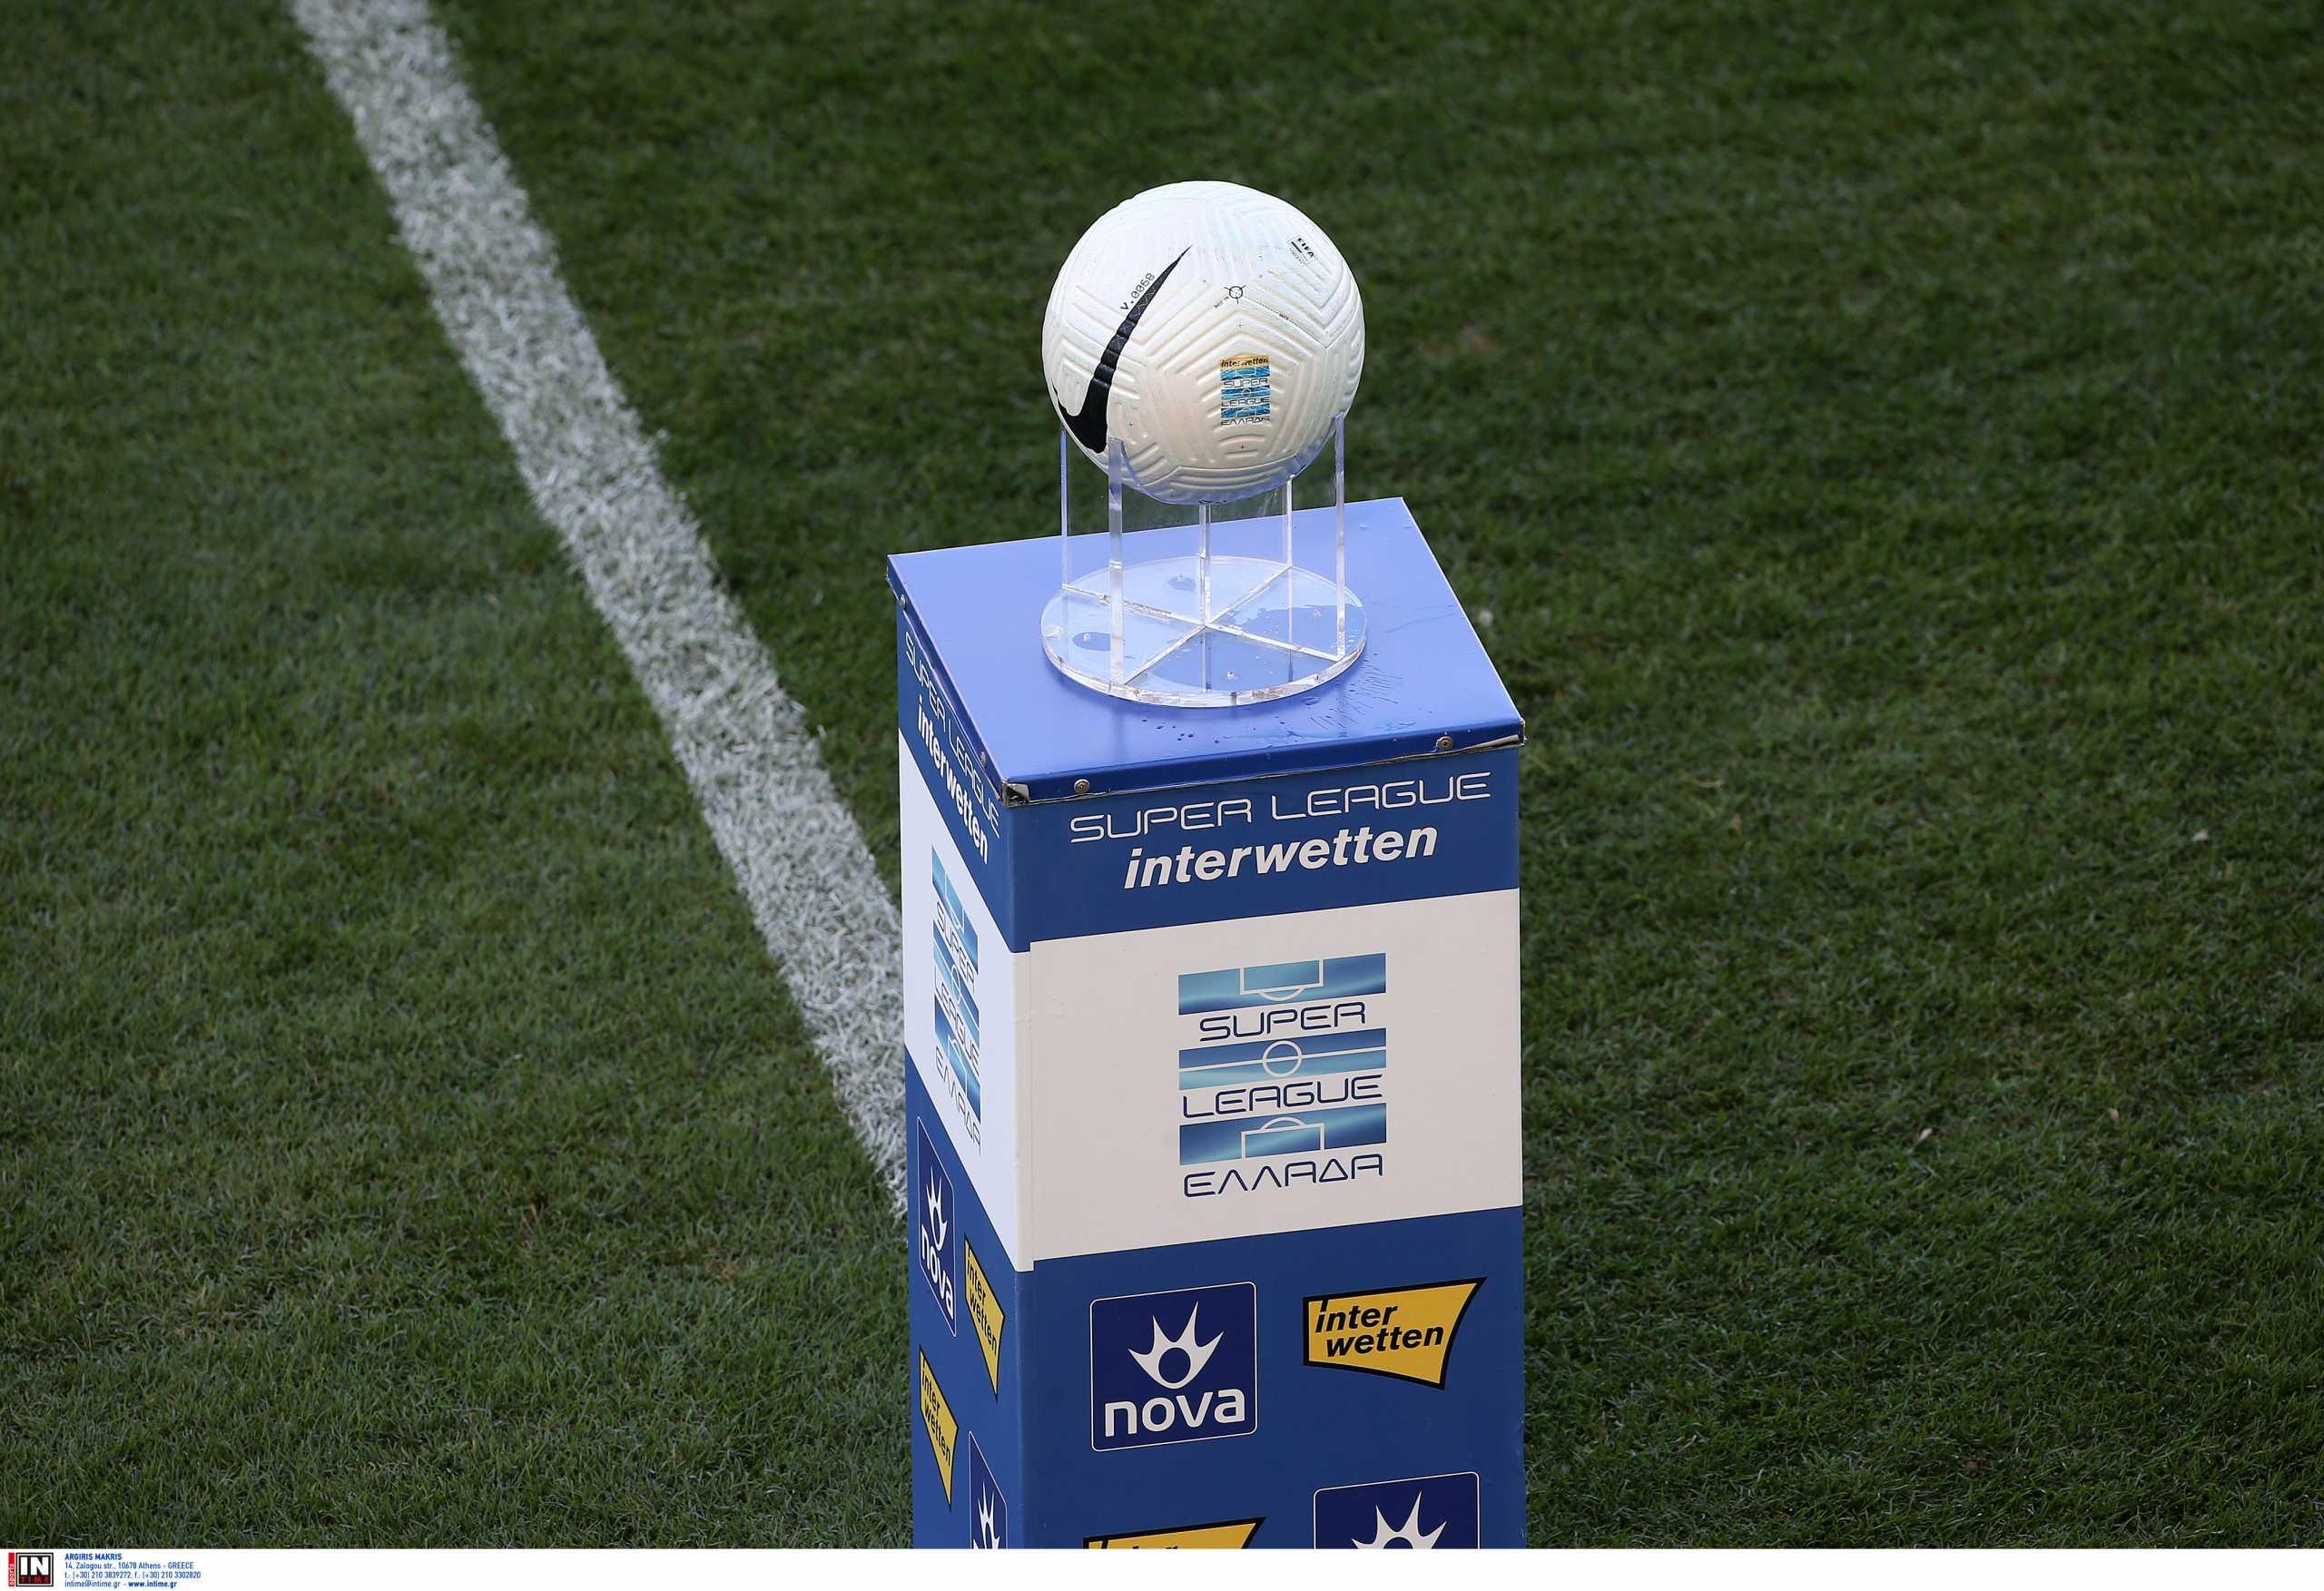 Βαθμολογία Superleague: Απομακρύνεται η Ευρώπη για Παναθηναϊκό μετά τις νίκες ΠΑΟΚ και ΑΕΚ